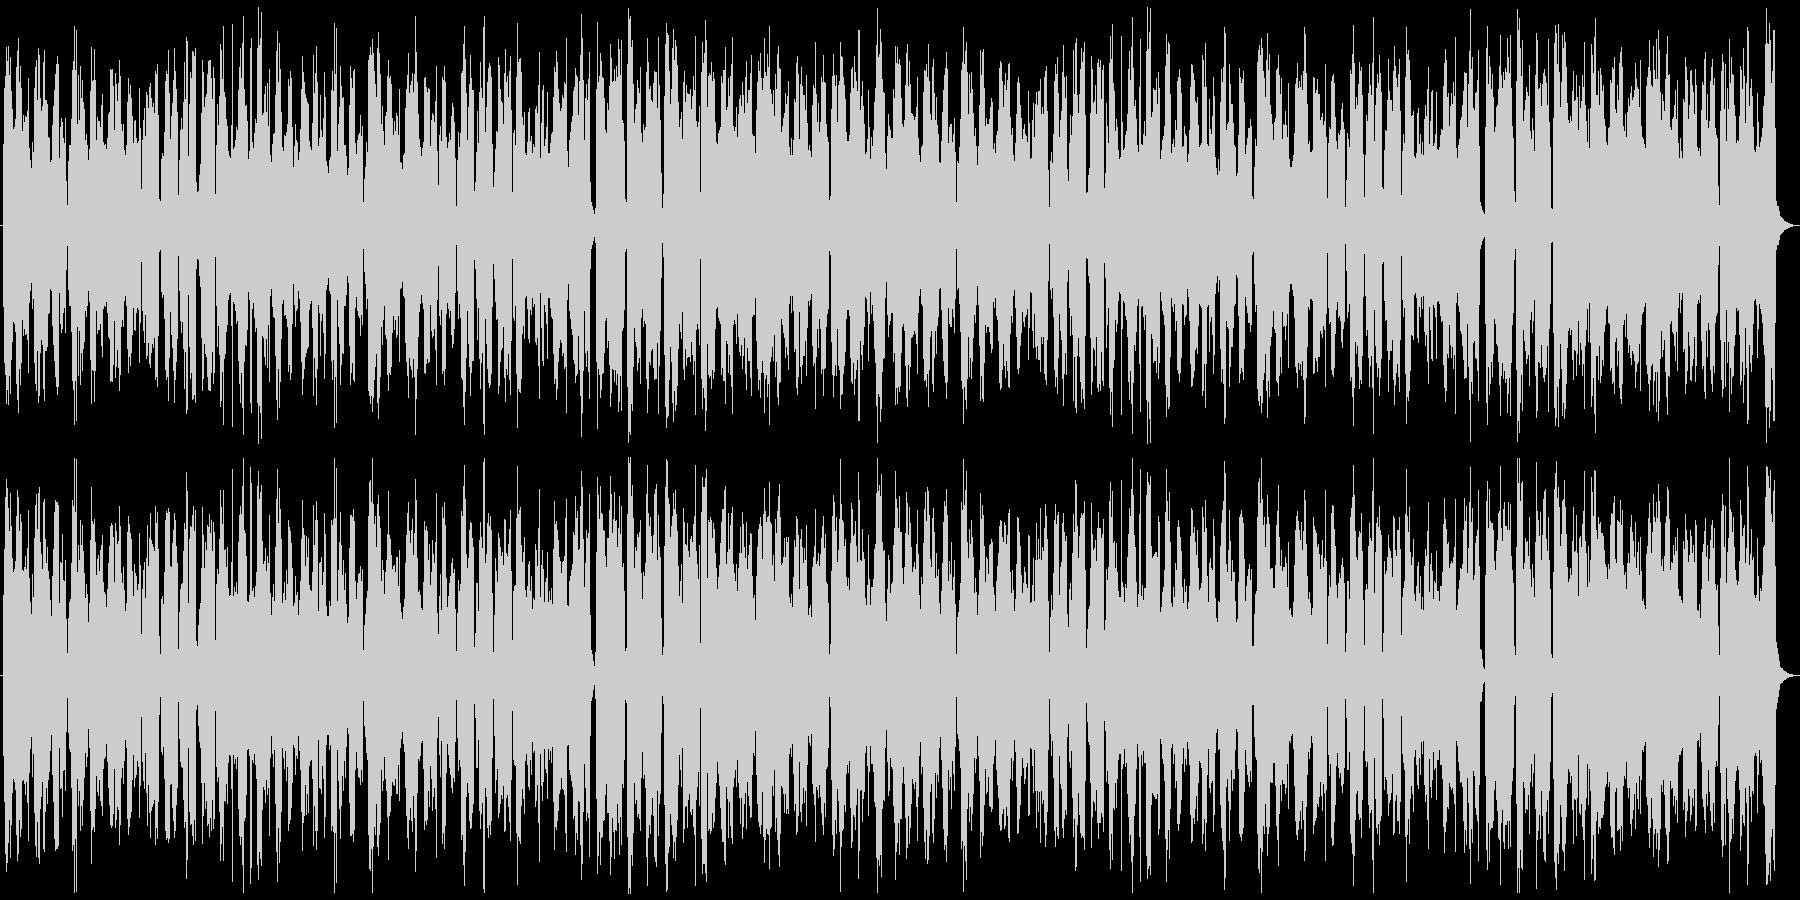 フランス音楽風、アコーディオン、ワルツの未再生の波形